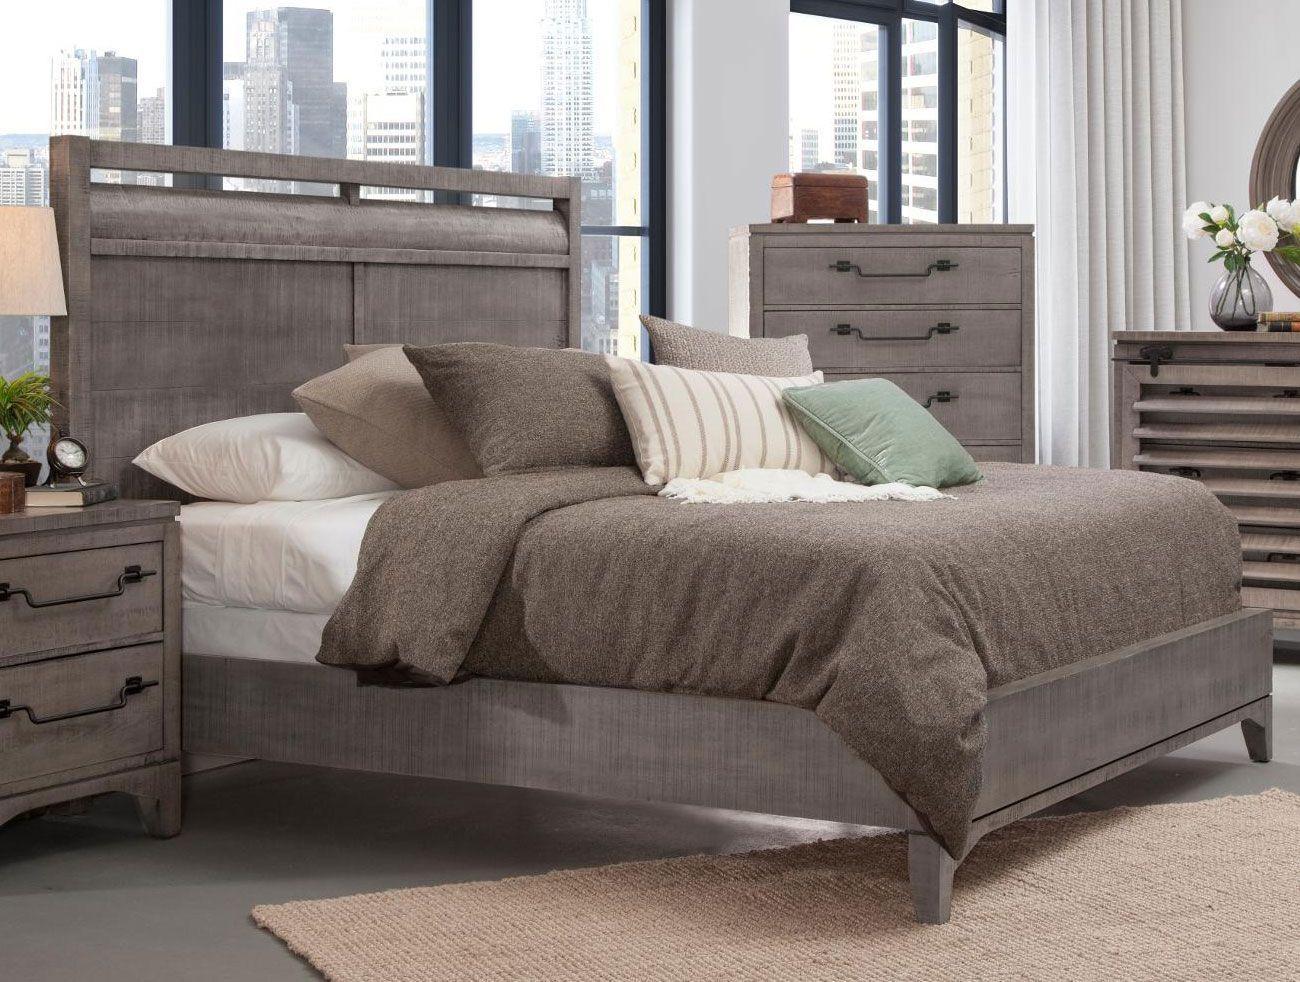 Rustic Contemporary Old Gray 4 Piece Queen Bedroom Set